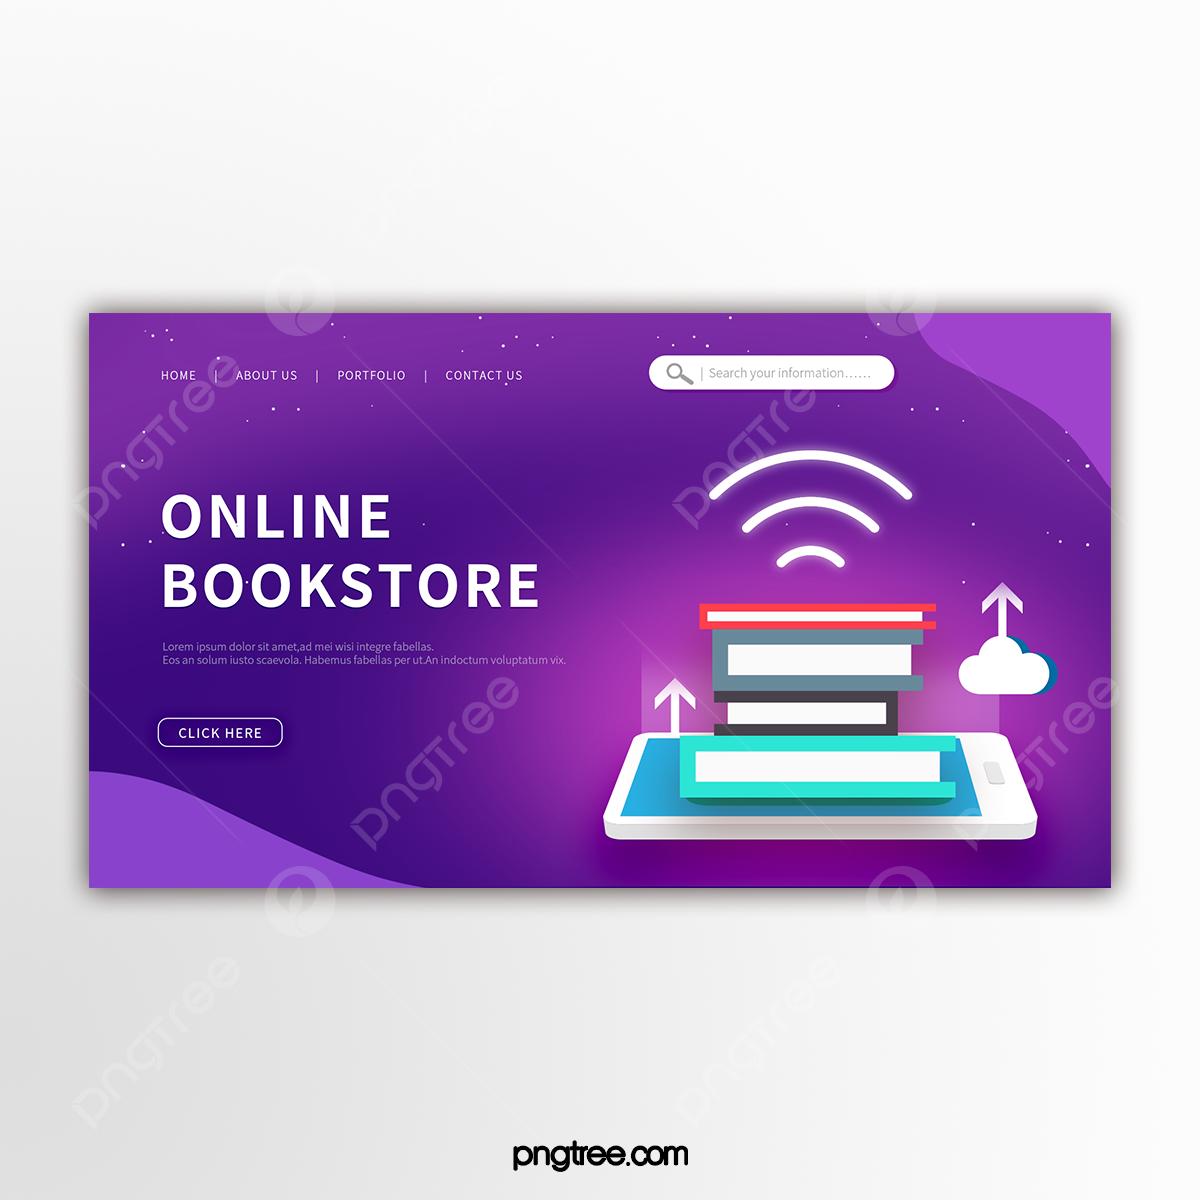 Banner Promosi Toko Buku Online Teknologi Ungu Templat Untuk Unduh Gratis Di Pngtree